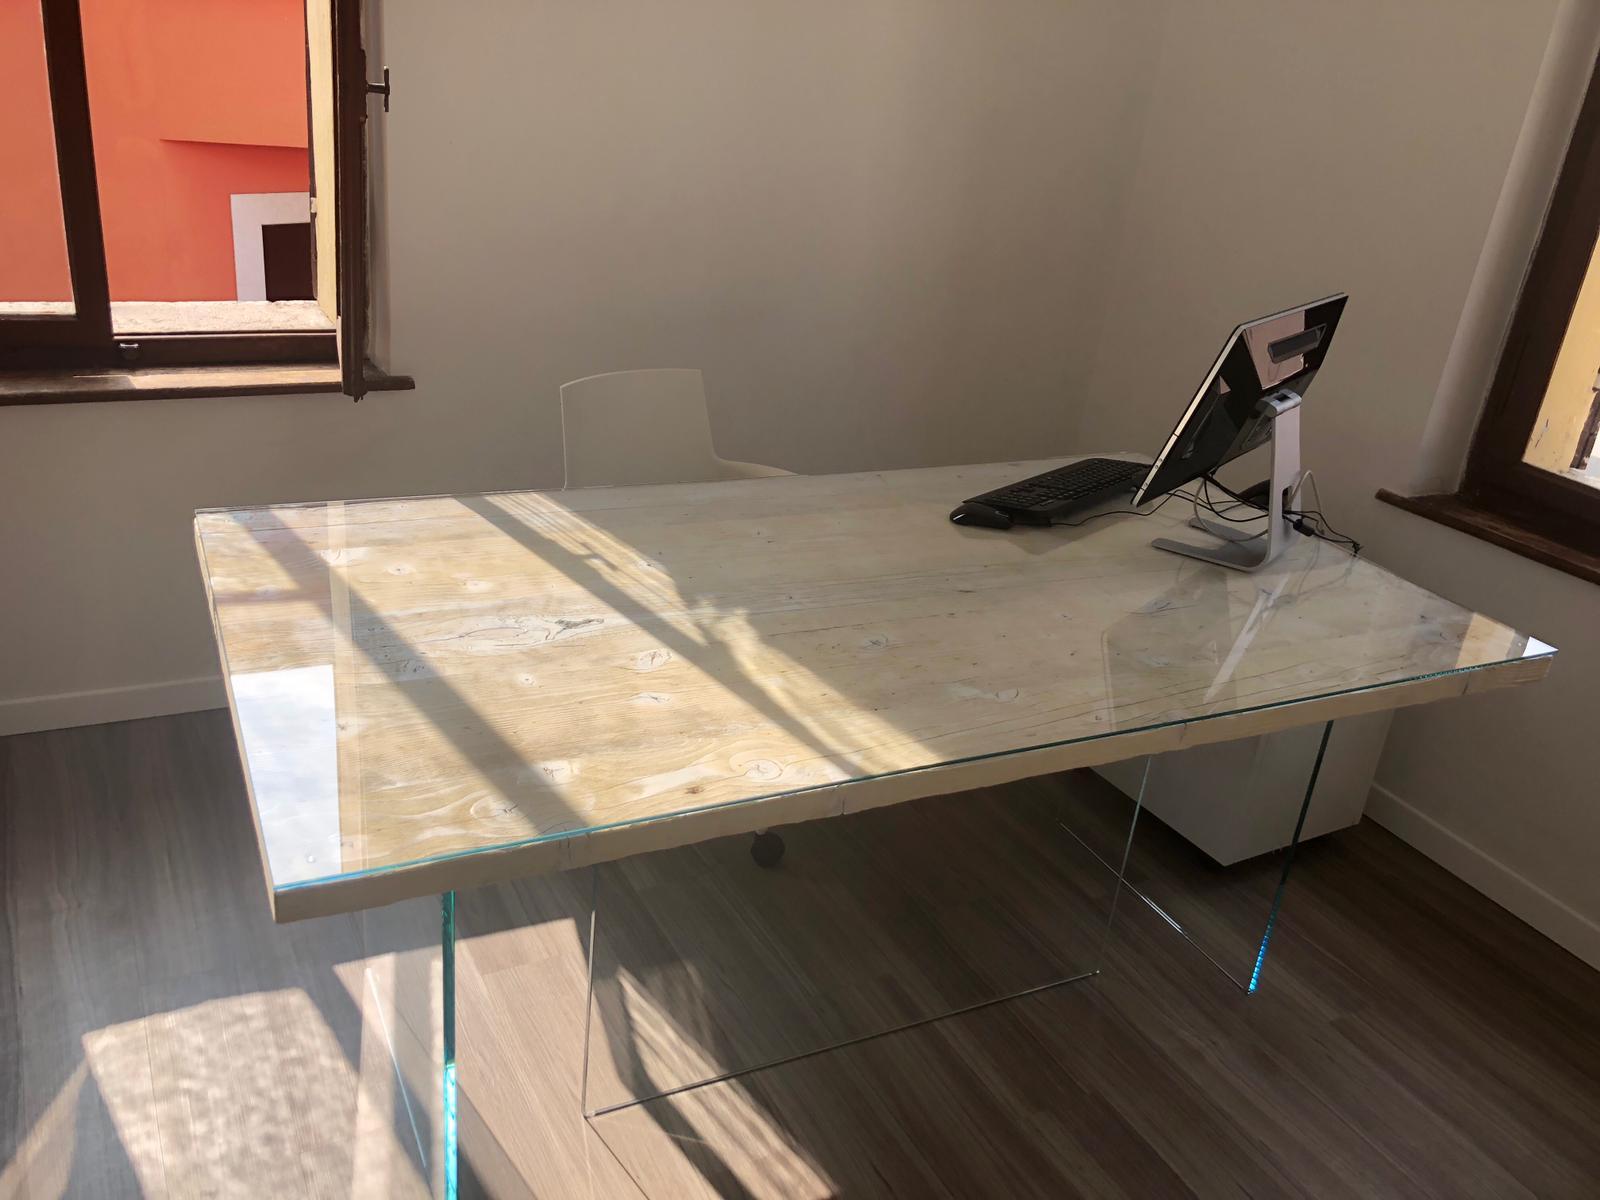 Scrivania in vecchie tavole da ponteggio spazzolate e sbiancate con struttura portante e ripiano in vetro temperato